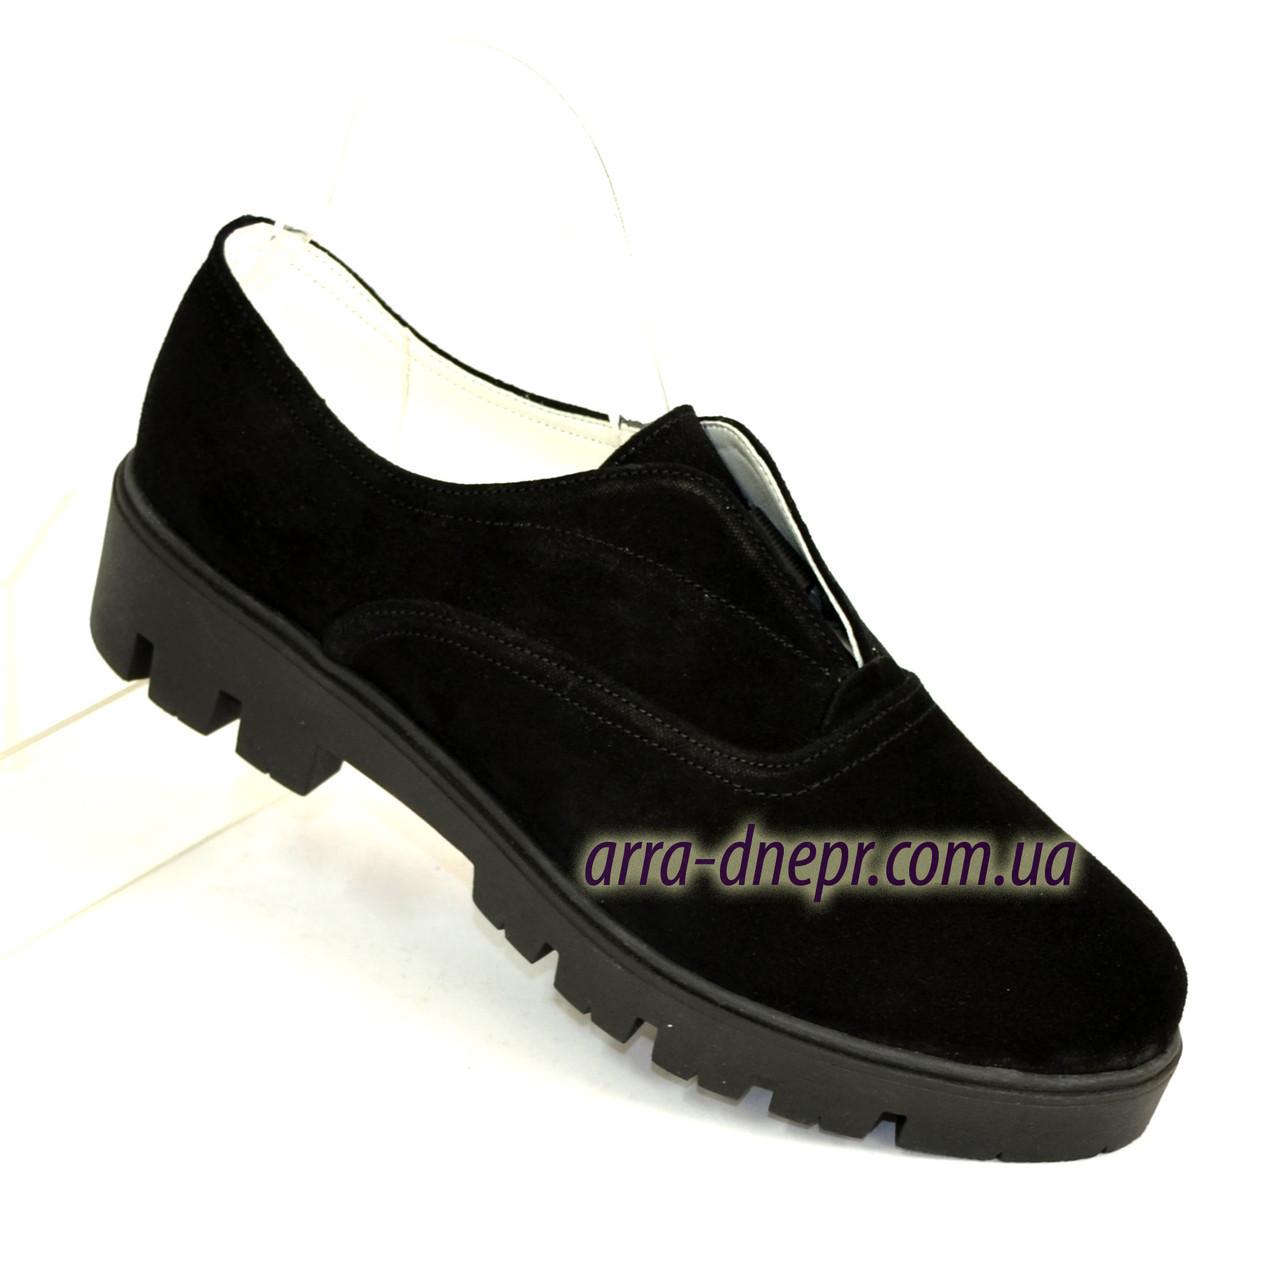 Женские черные туфли на утолщенной подошве, замша.